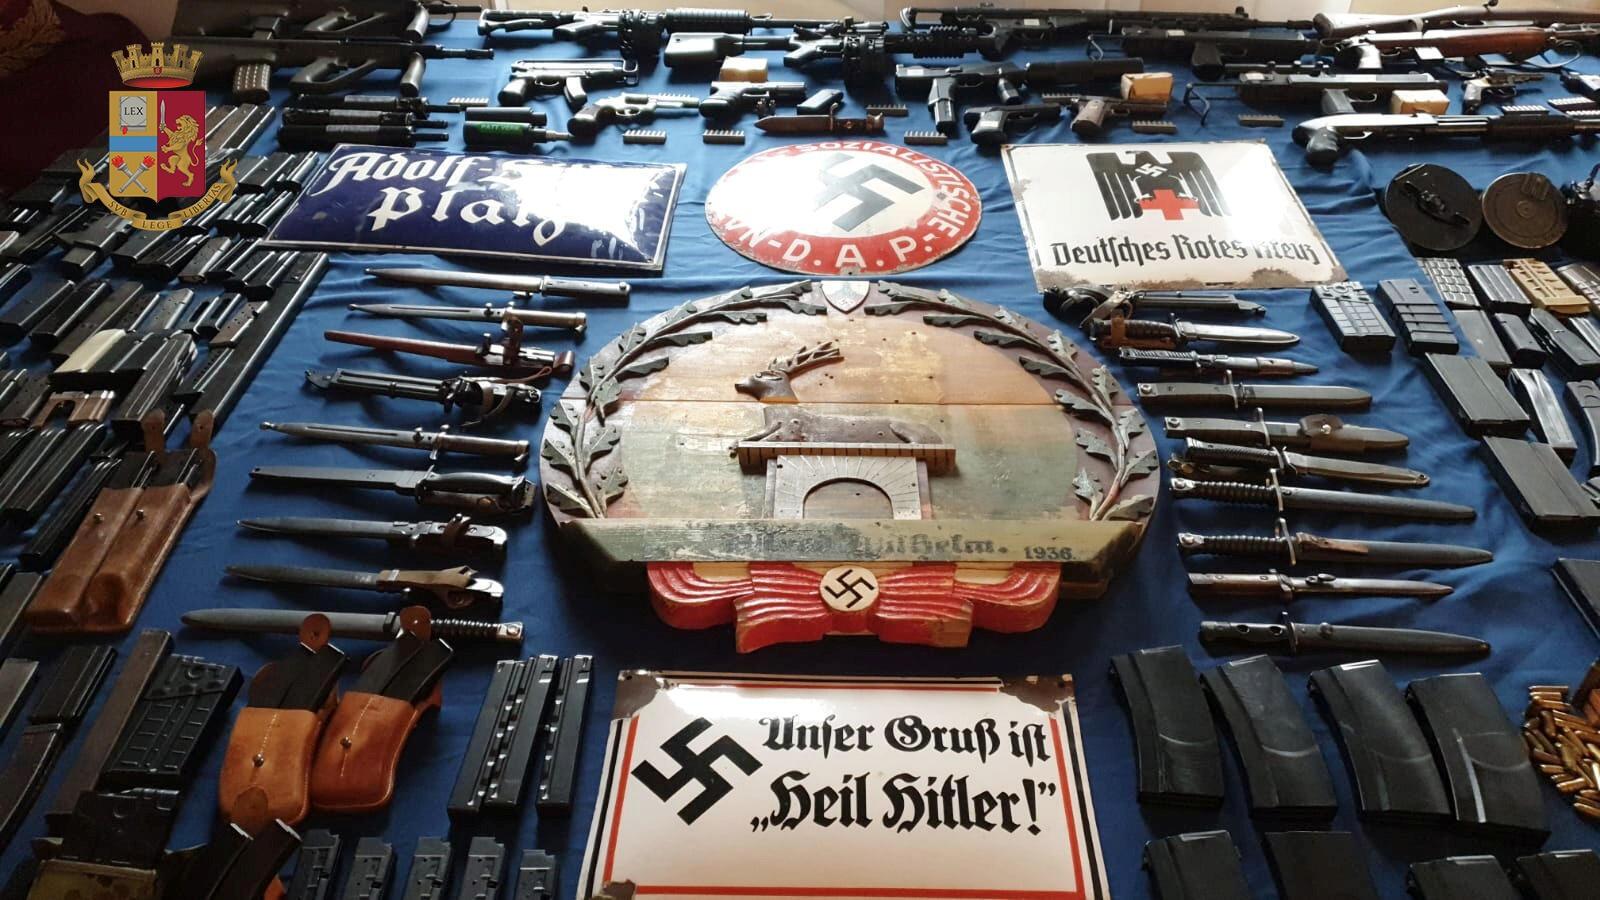 Diversos objetos em apologia ao nazismo foram encontrados no depósito